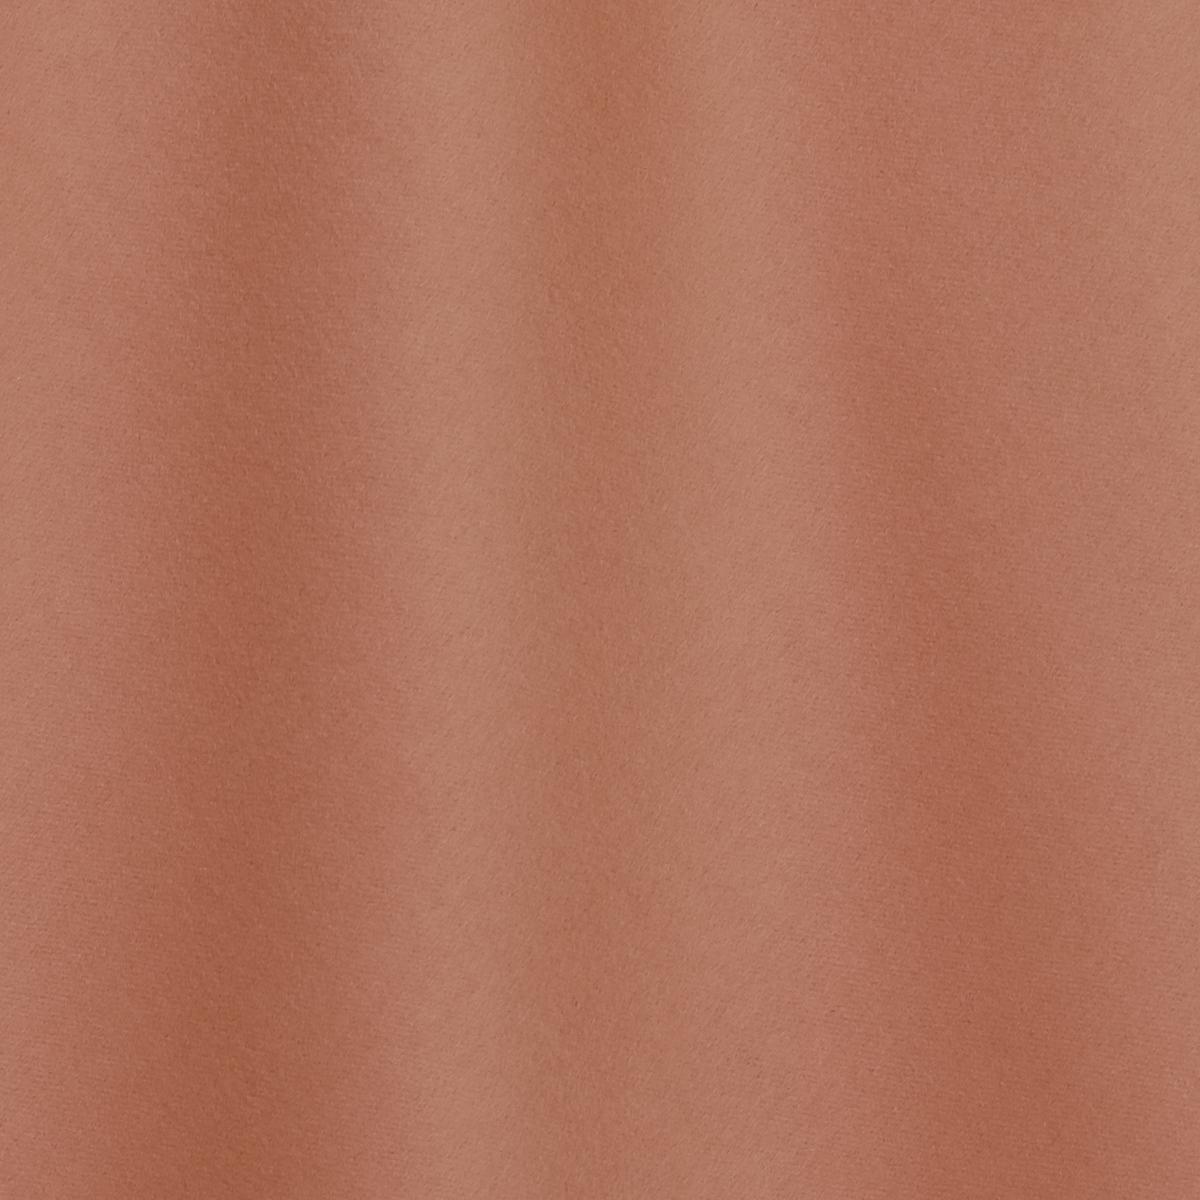 Кашемир пальтовый персикового цвета